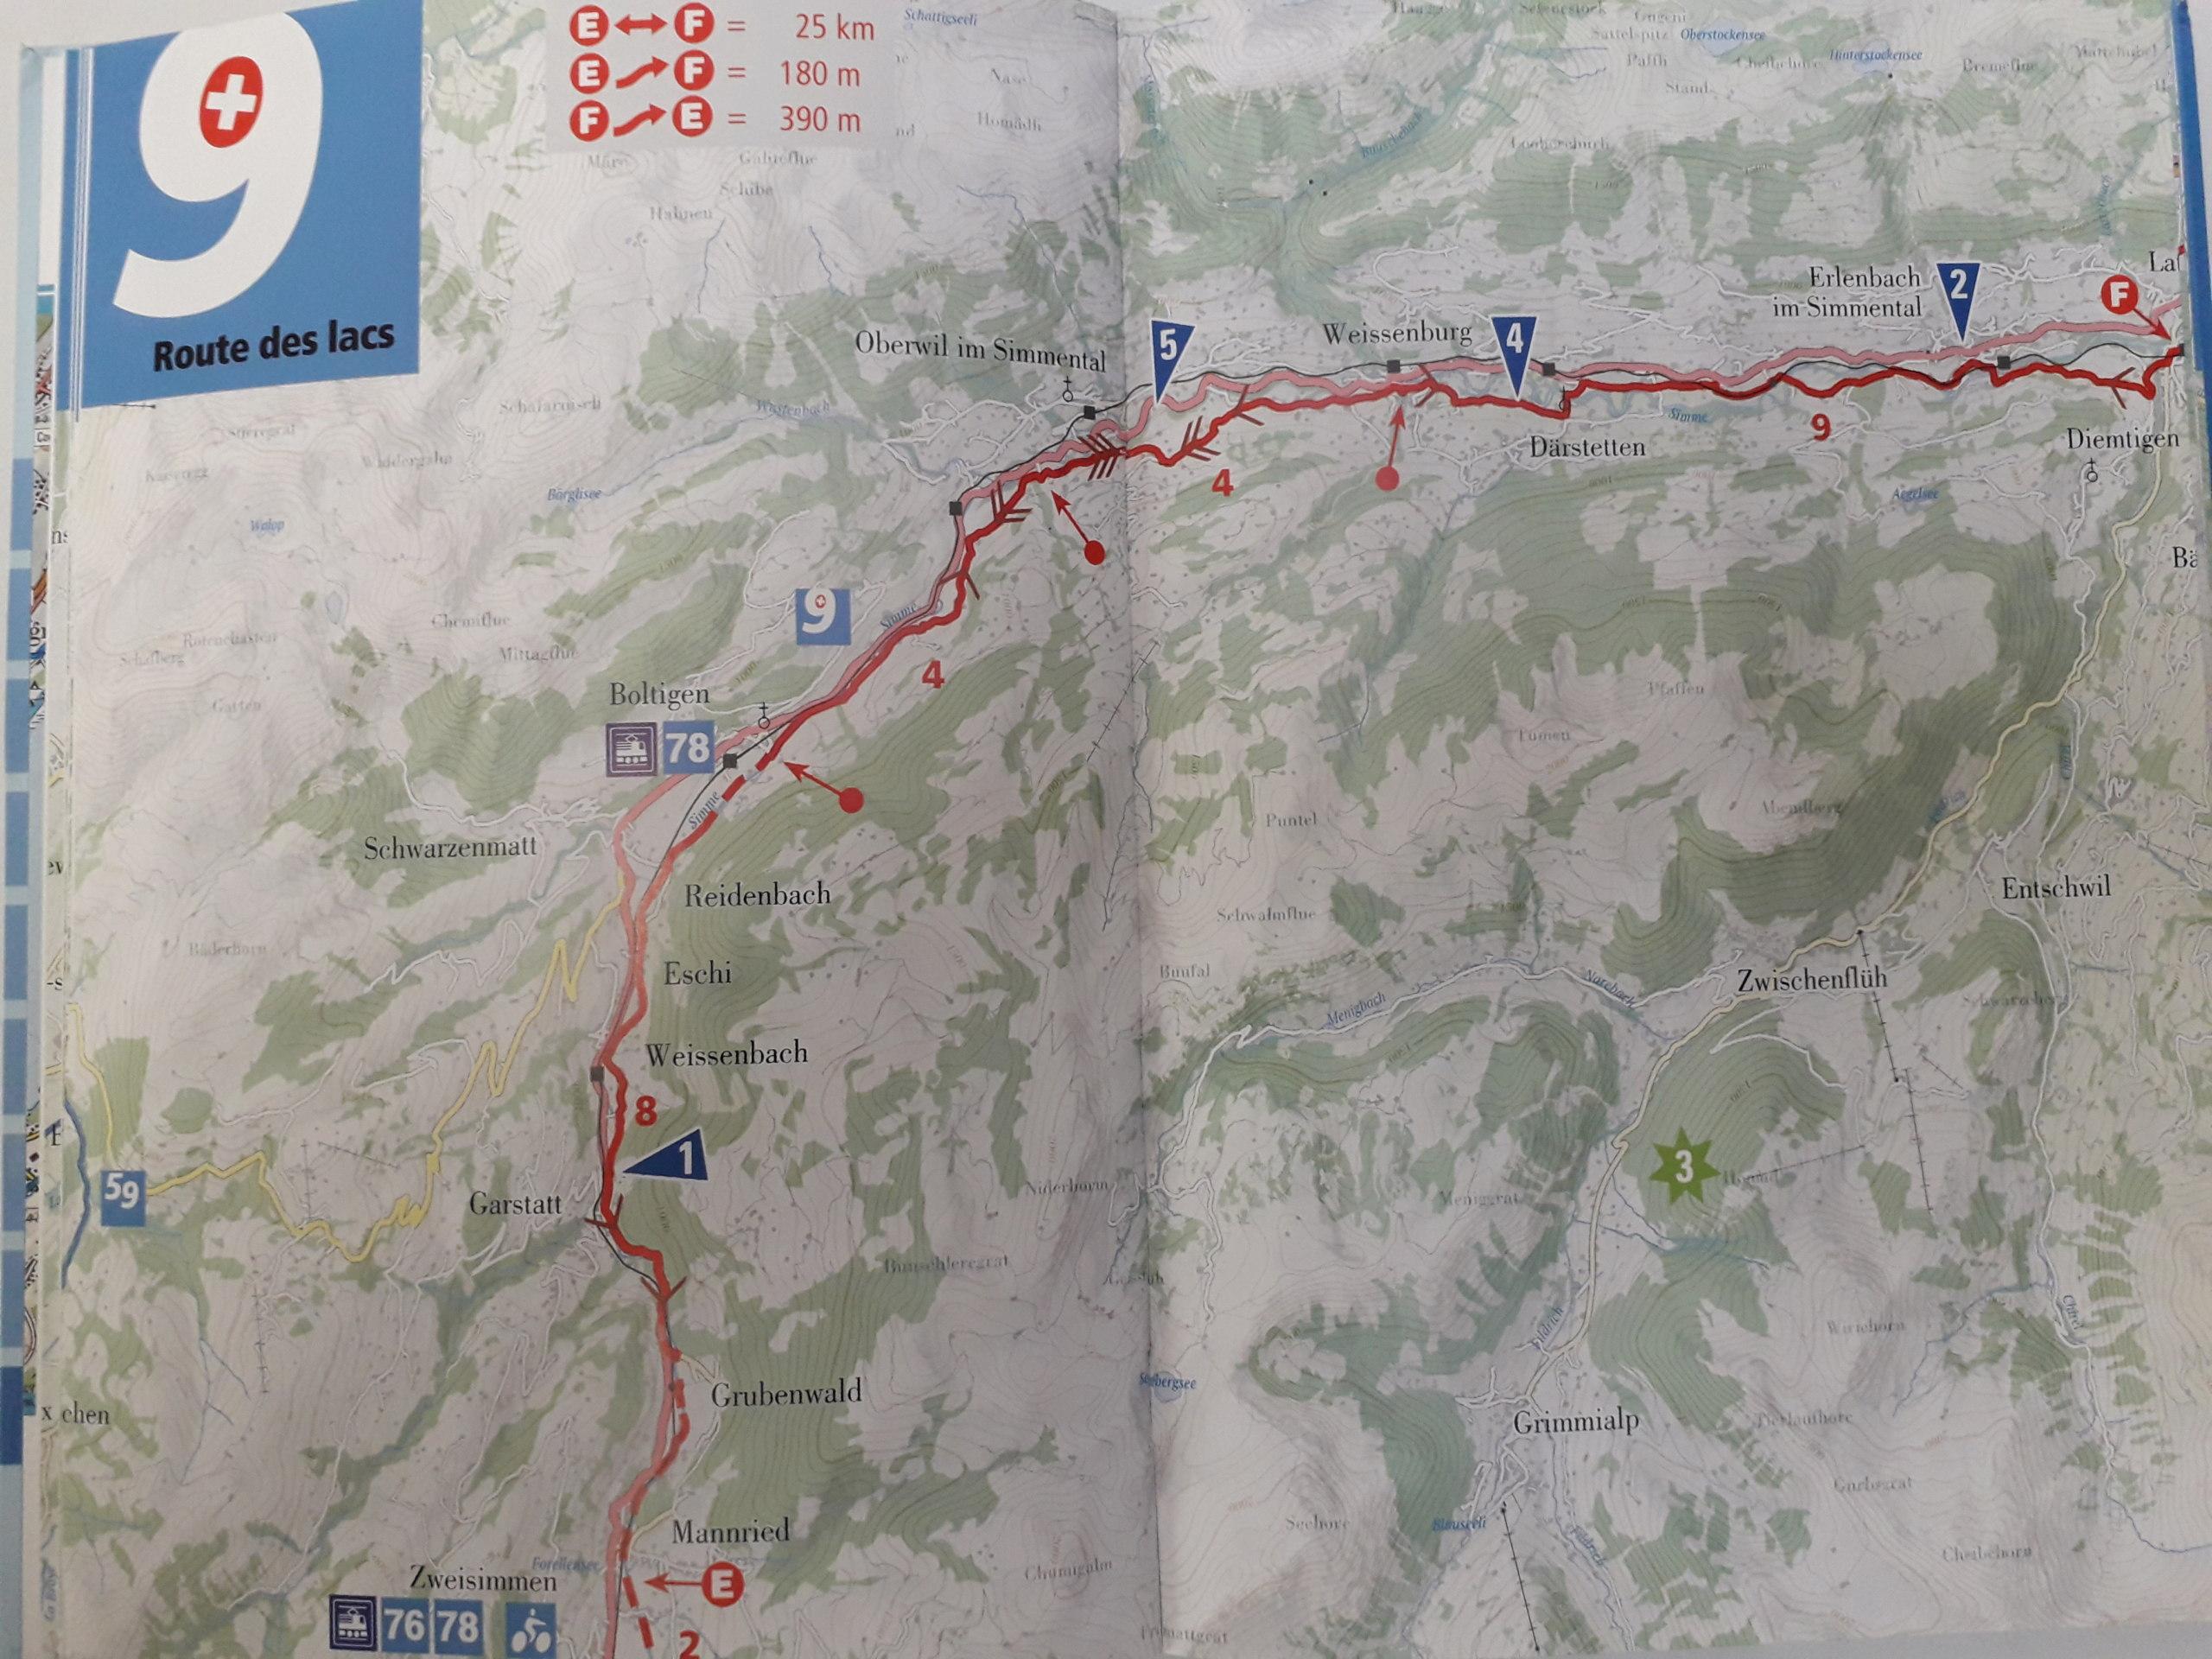 La Route des lacs - Suisse [7 au 12 juin] saison 14 •Bƒ 20190515